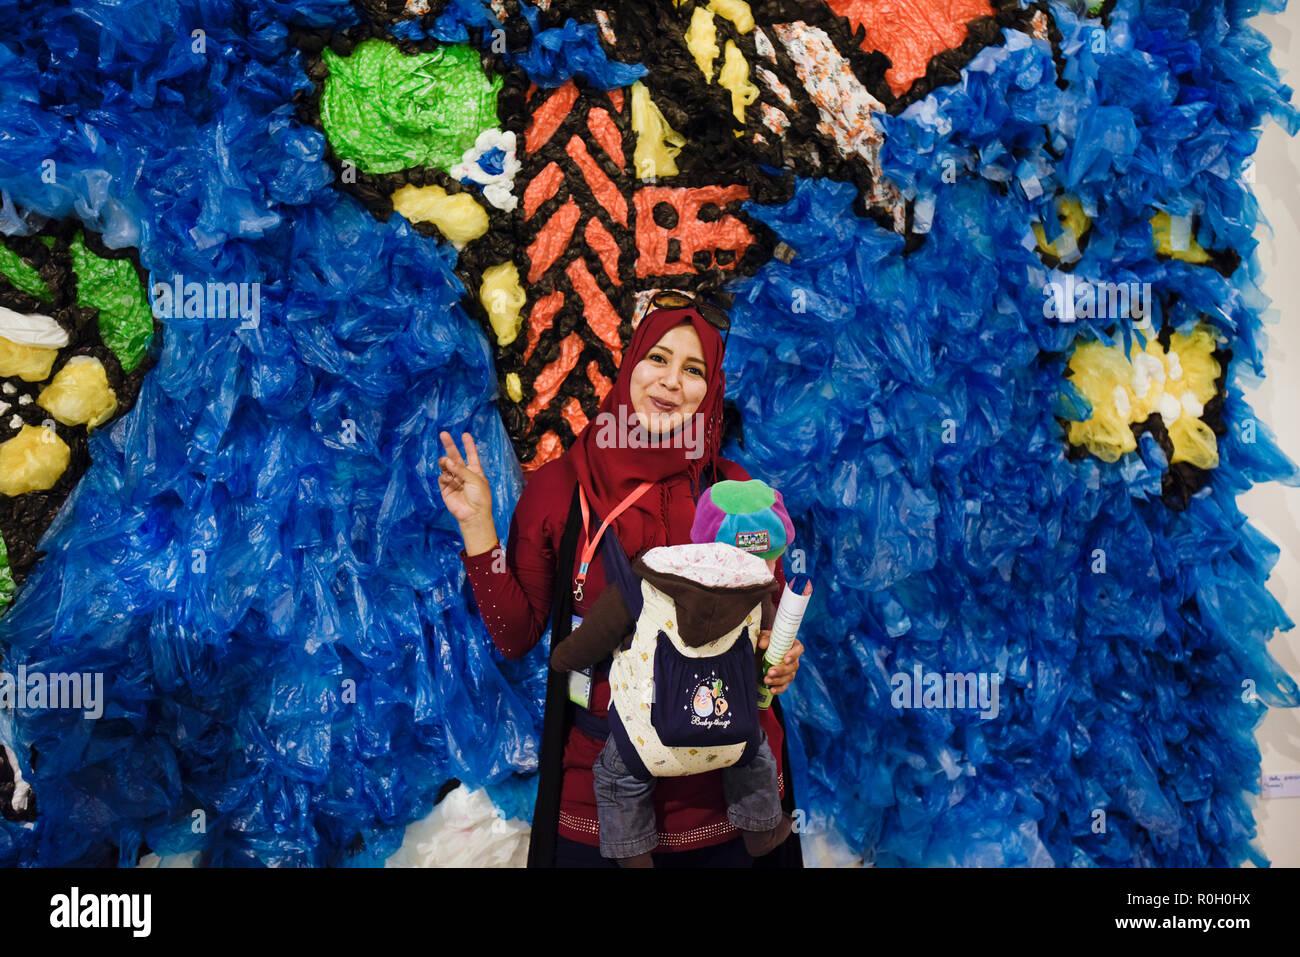 Mujer magrebí y su bebé posando delante de un mapa del mundo hecho de bolsas de plástico reciclado a la Conferencia de las Naciones Unidas sobre el Cambio Climático Imagen De Stock